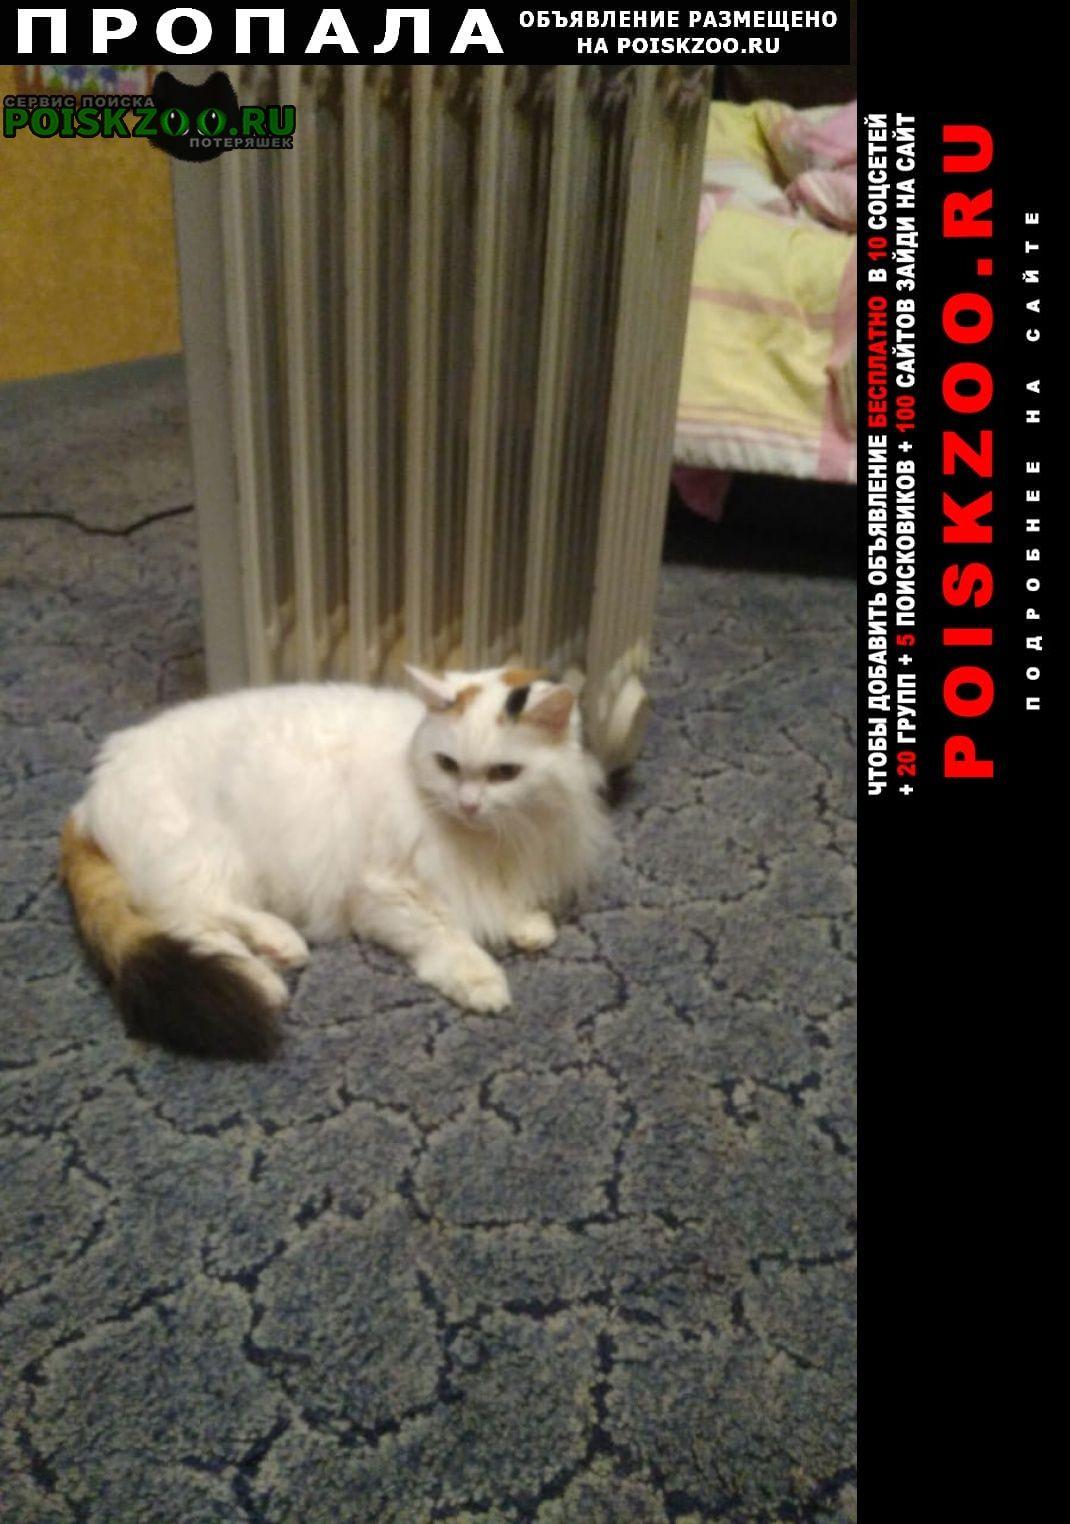 Пропала кошка Стерлитамак